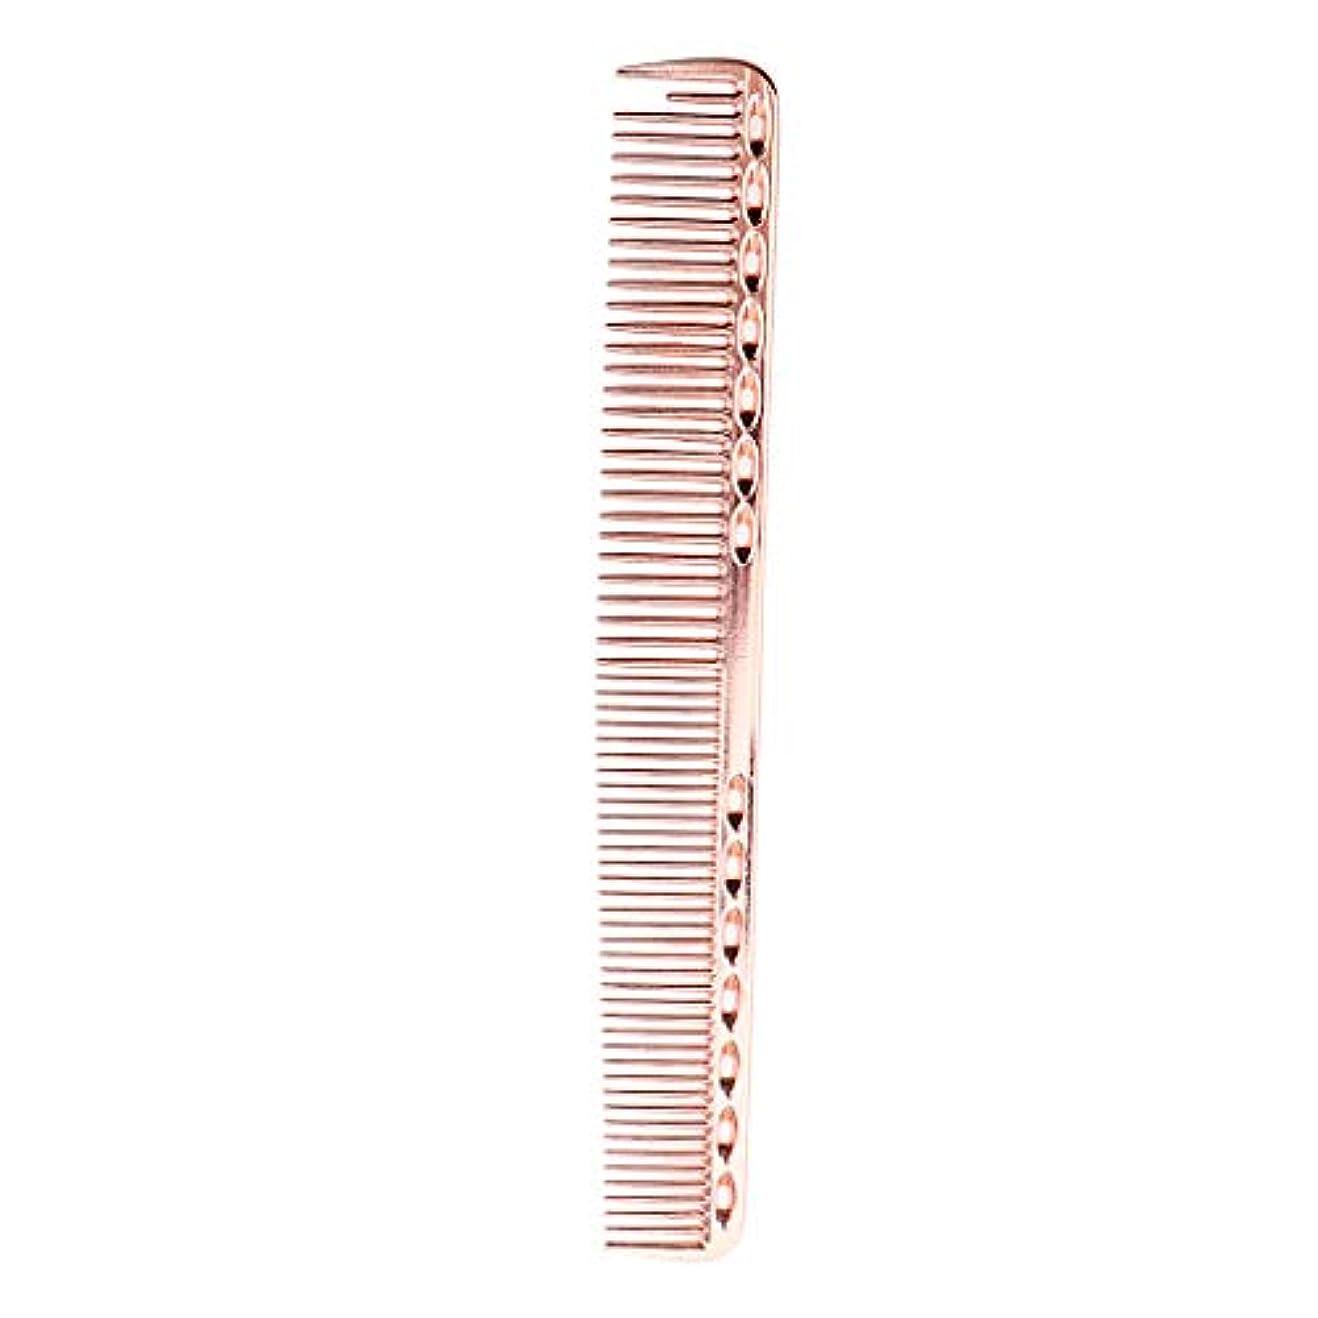 増幅する床を掃除する毎年帯電防止櫛 頭皮マッサージ ヘアコーム プロ ヘアサロン 自宅用 5色選べ - ローズピンク